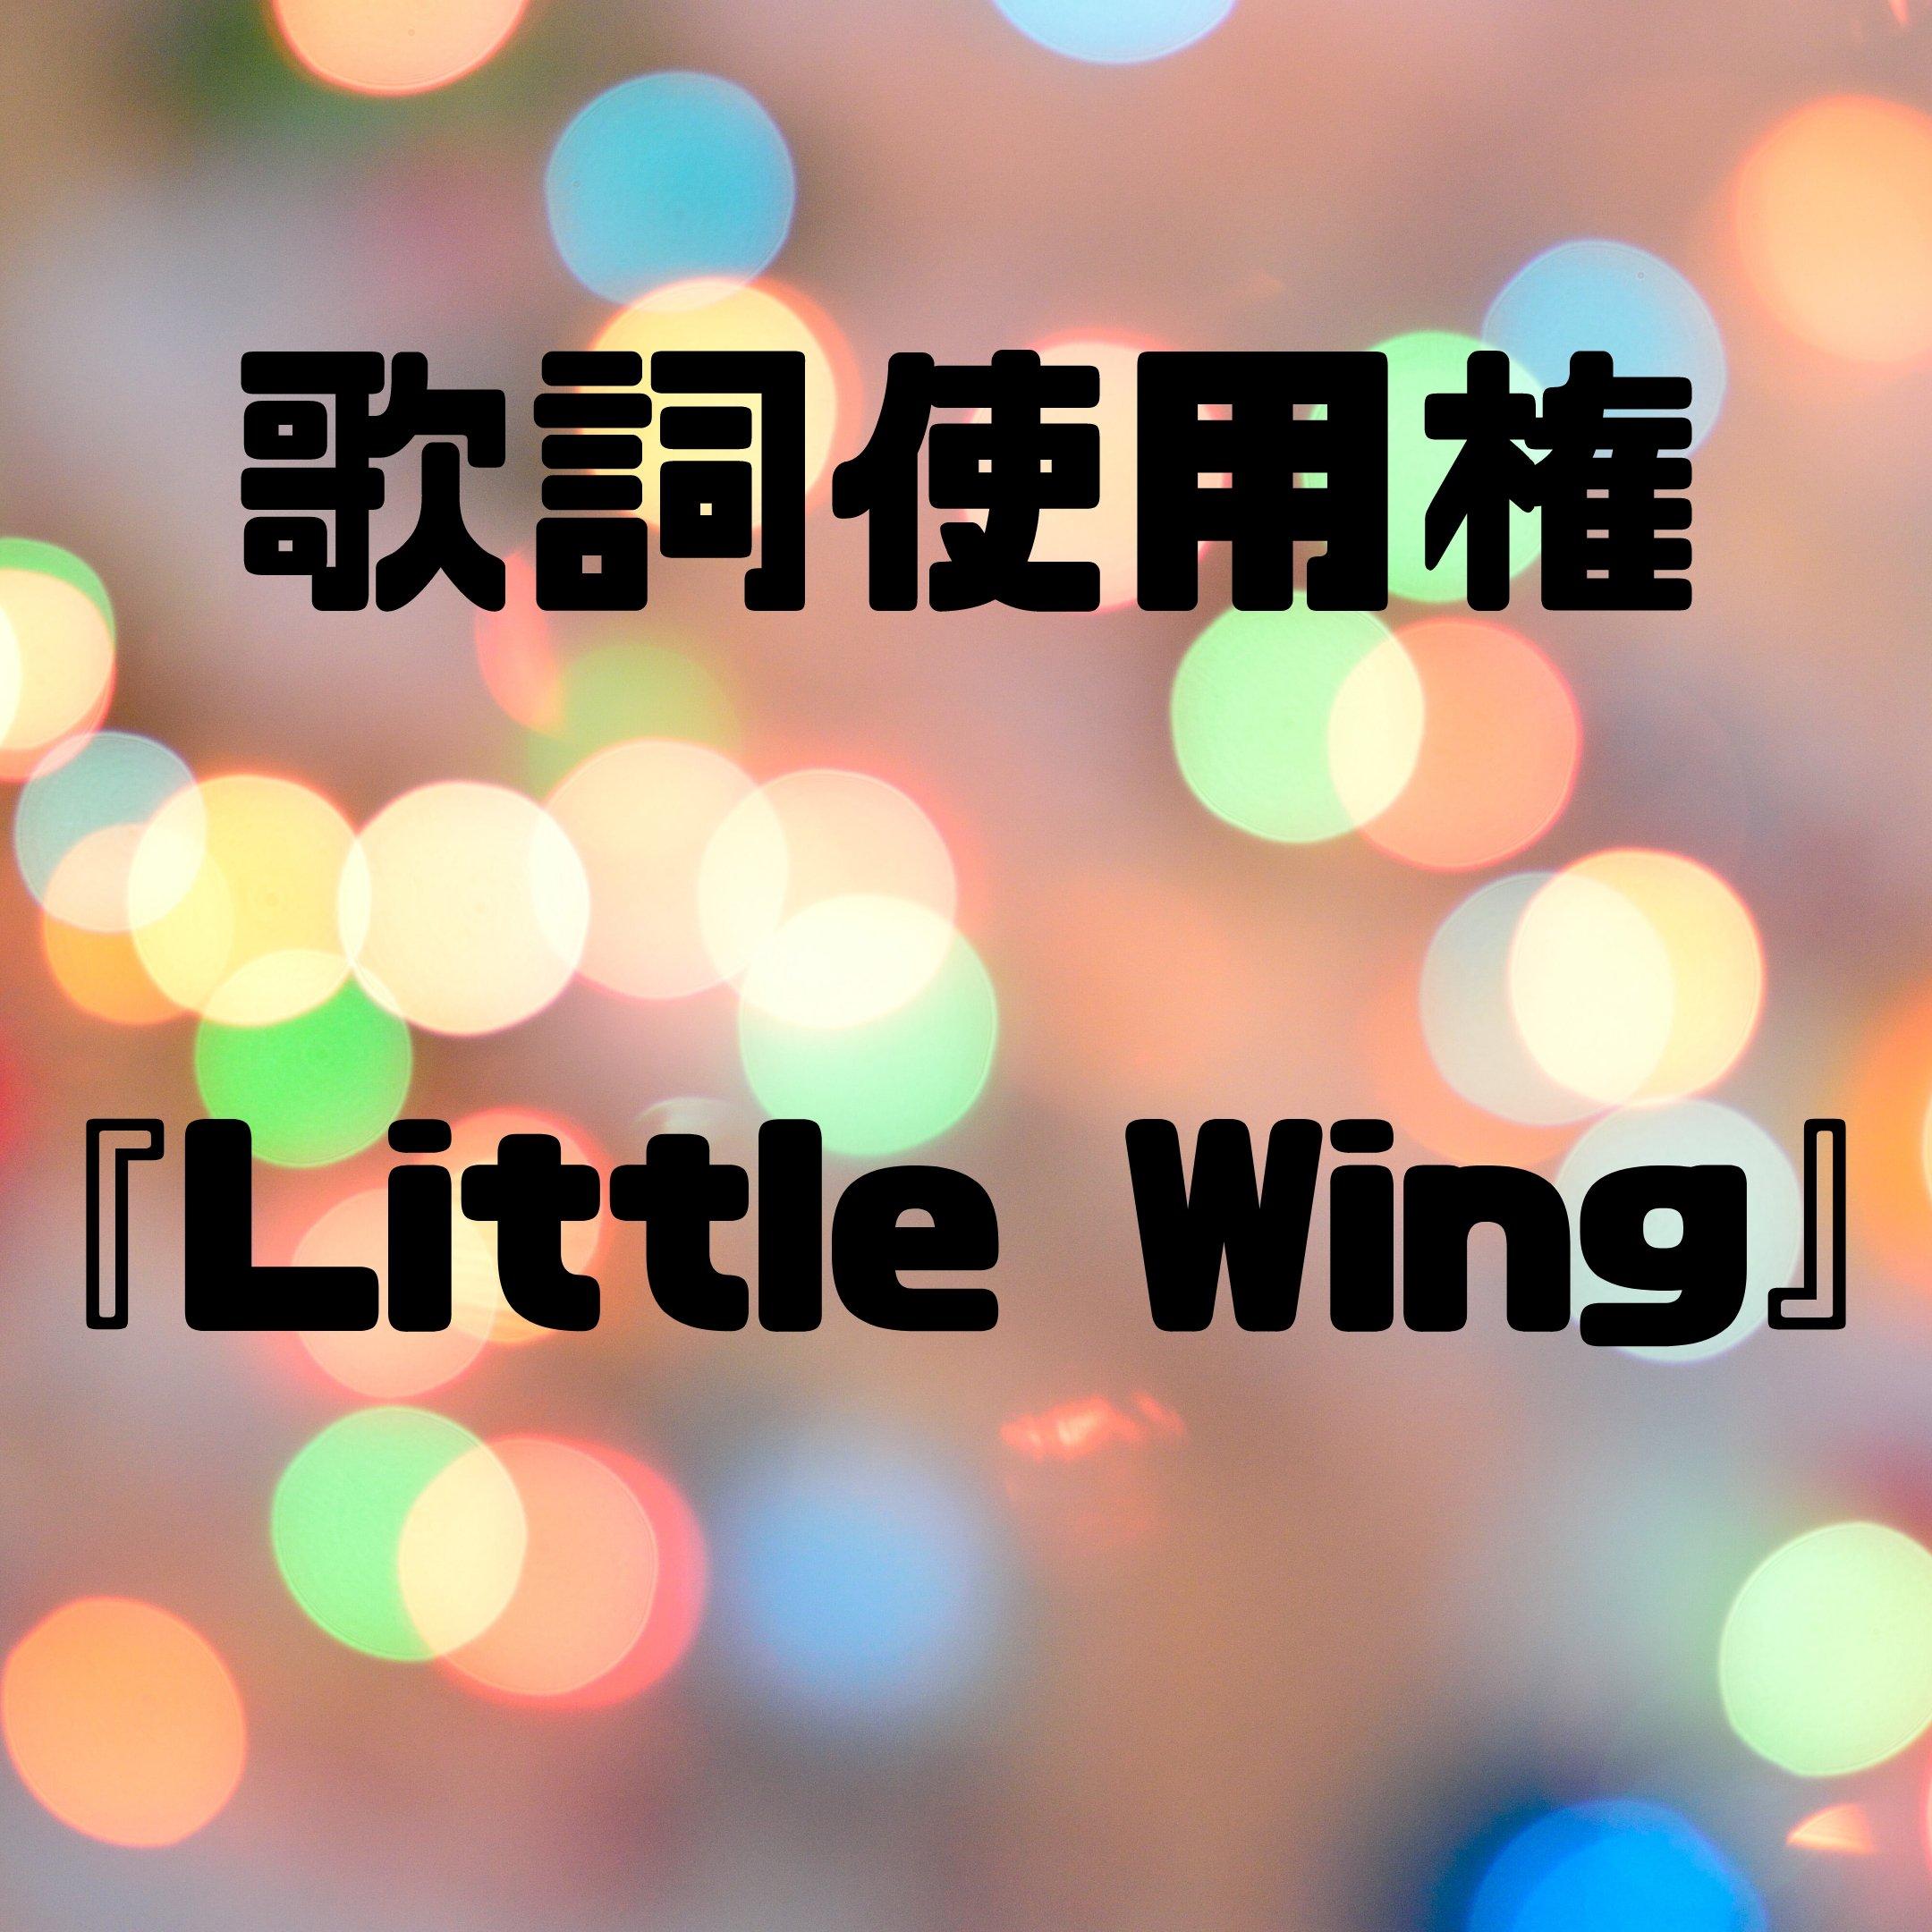 【歌詞使用権】Little Wingのイメージその1